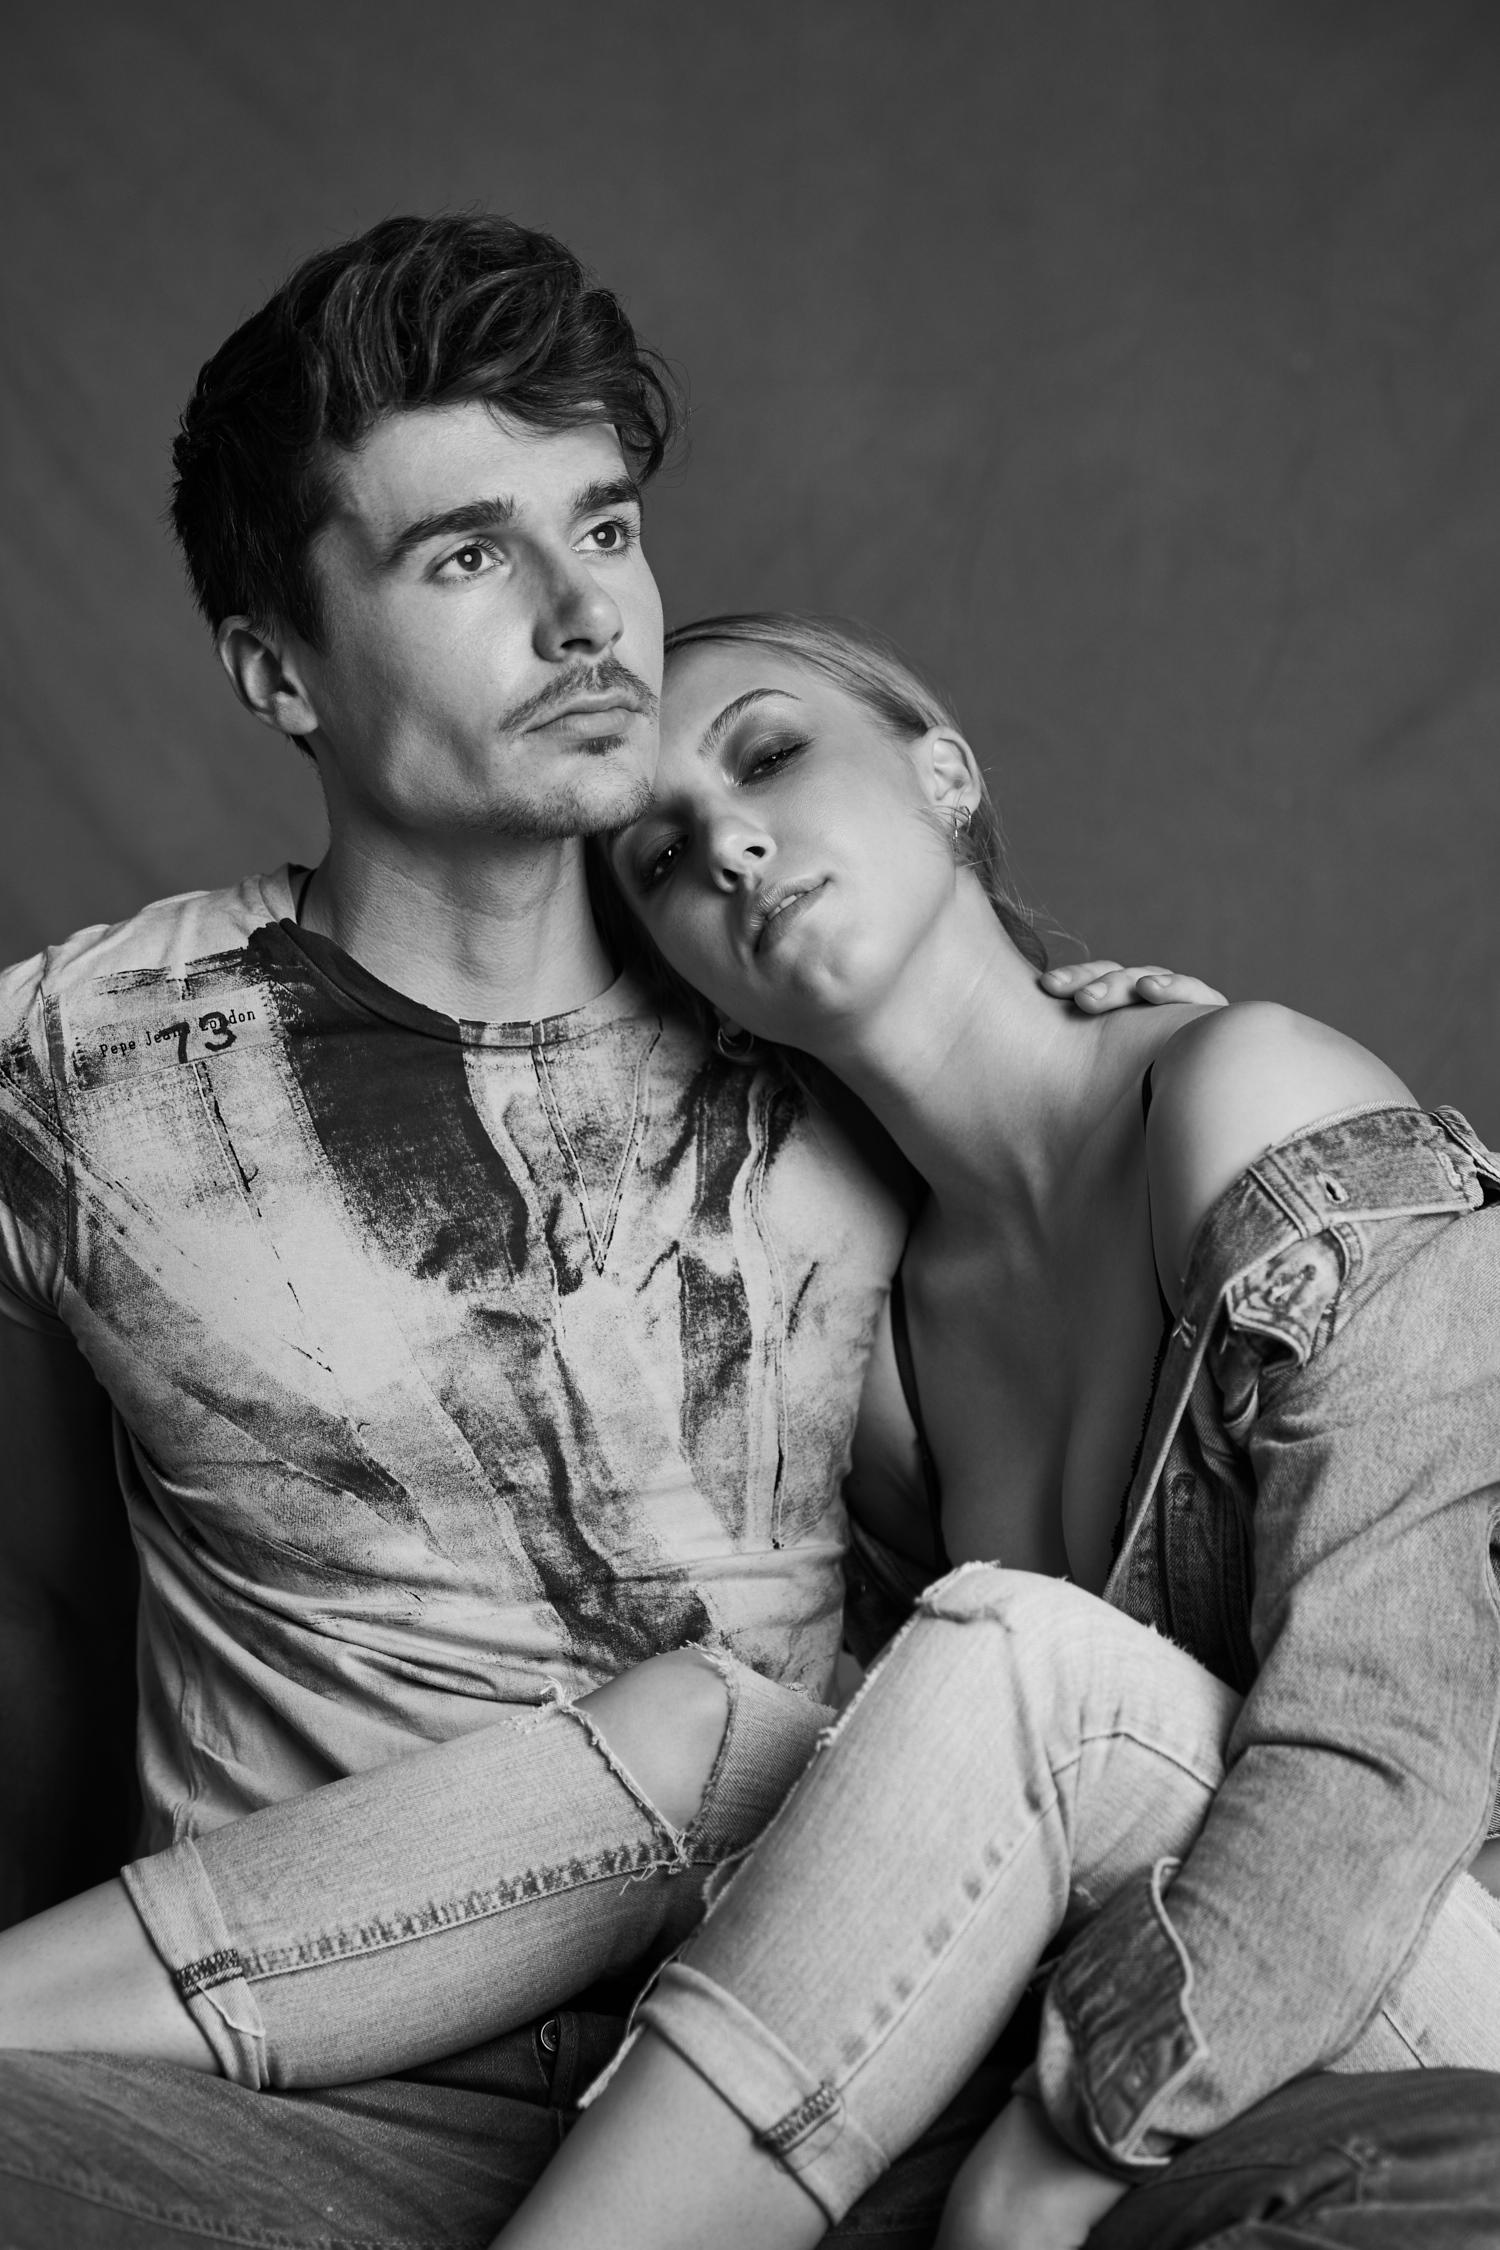 Simon Mellar Photography